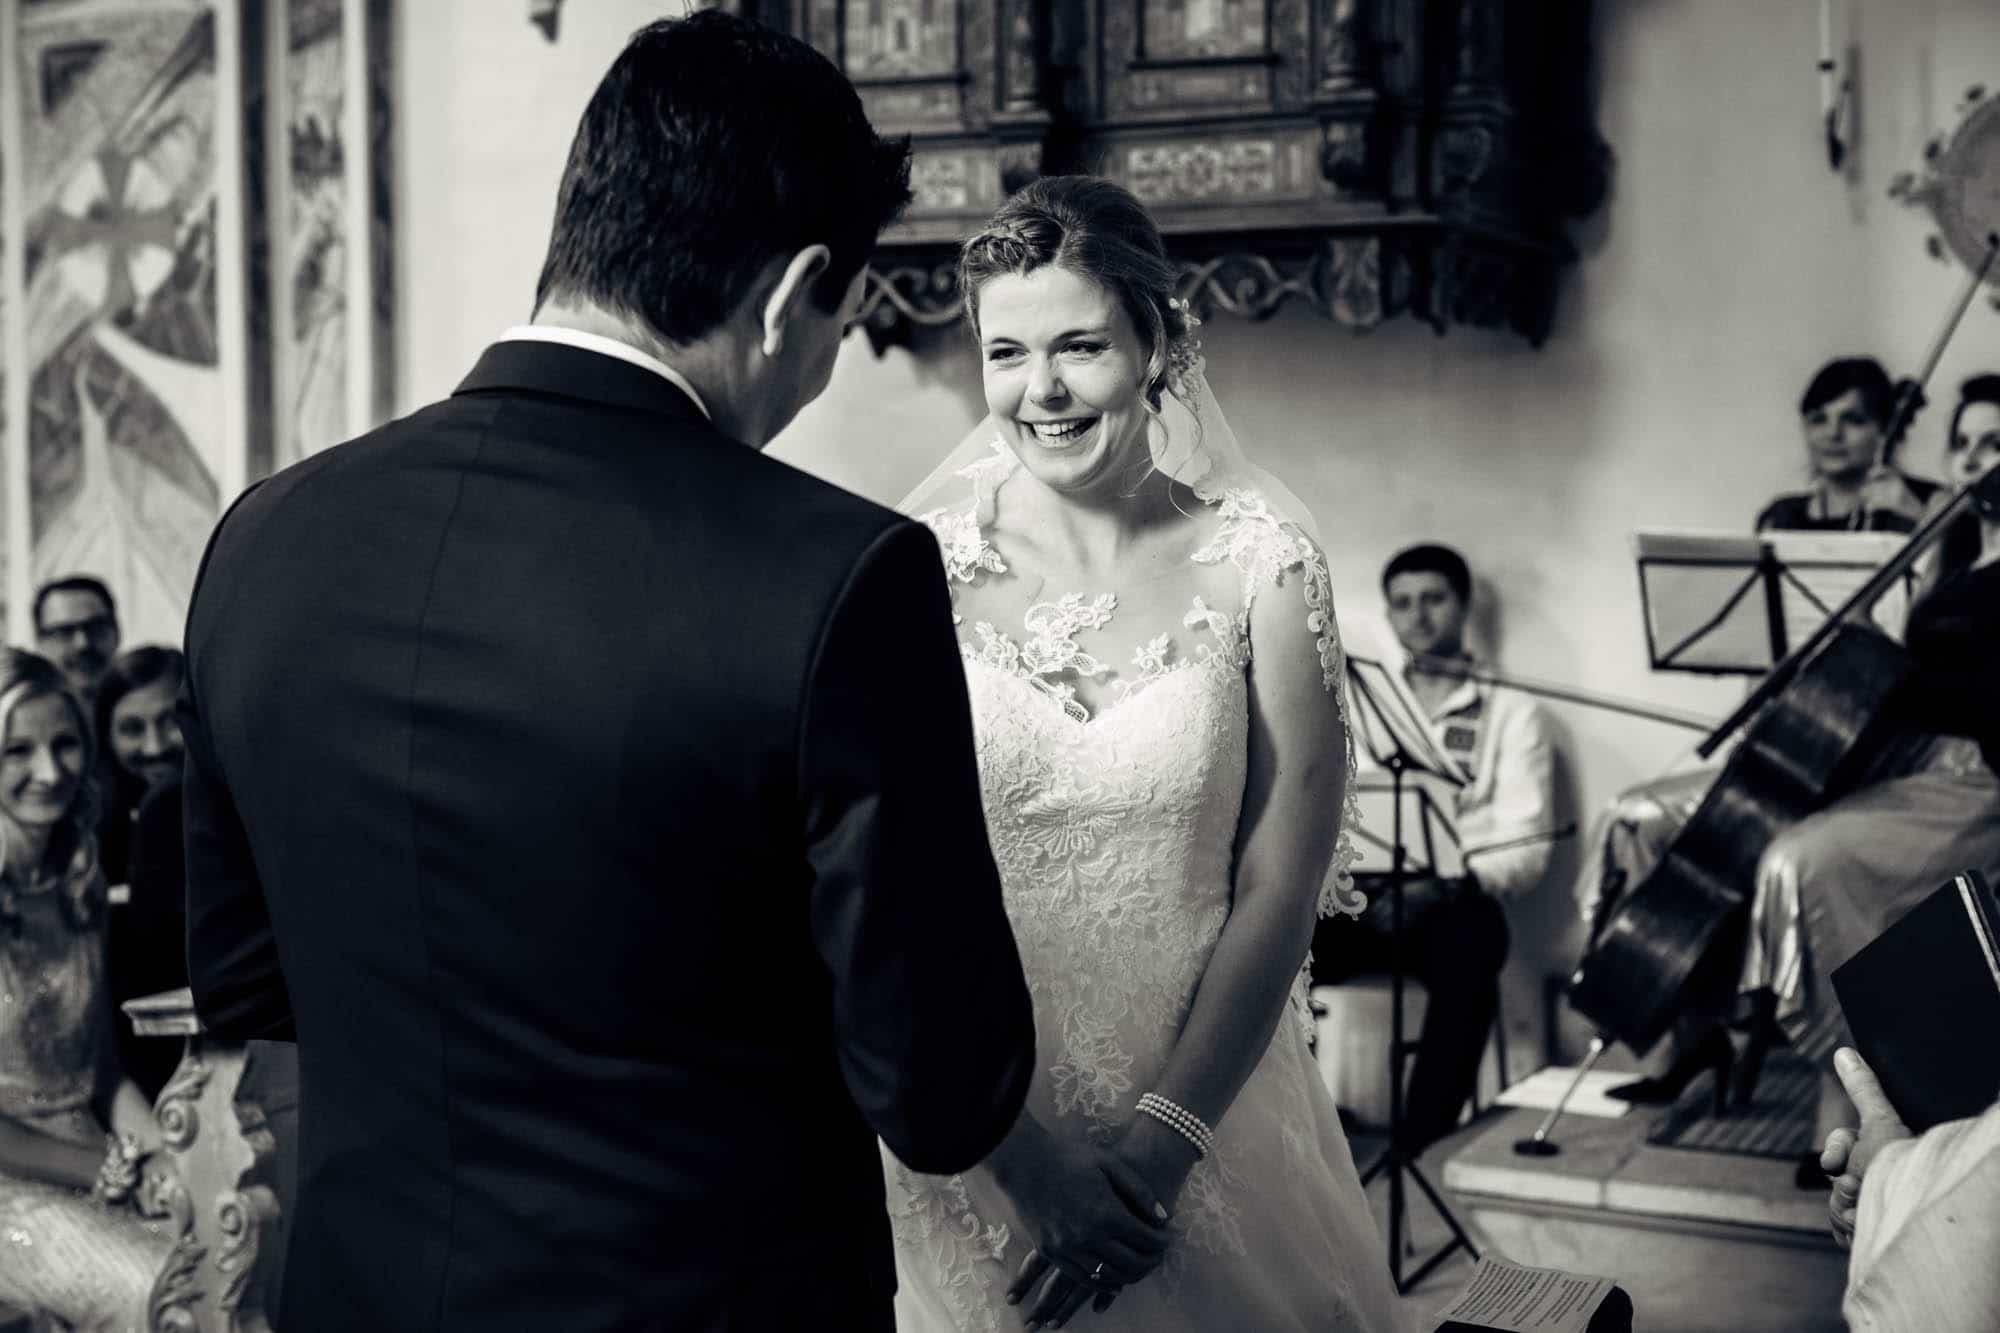 Braut ist entzückt über persönliches Eheversprechen